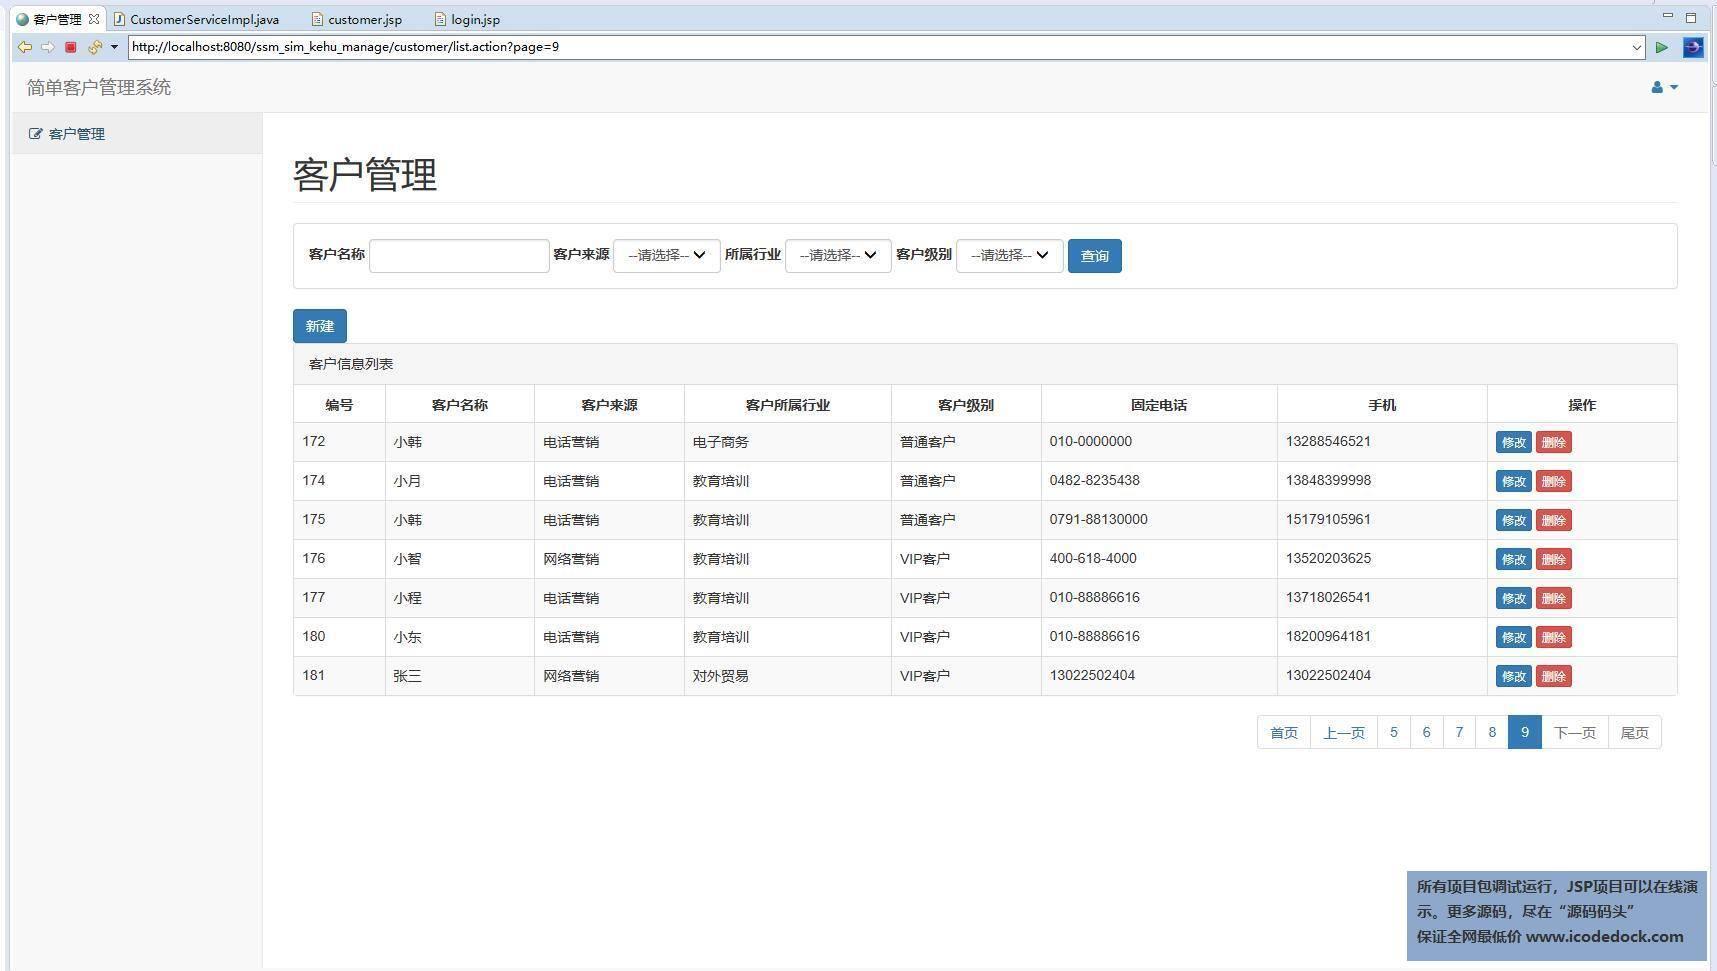 源码码头-SSM简单客户管理系统-管理员角色-查找客户